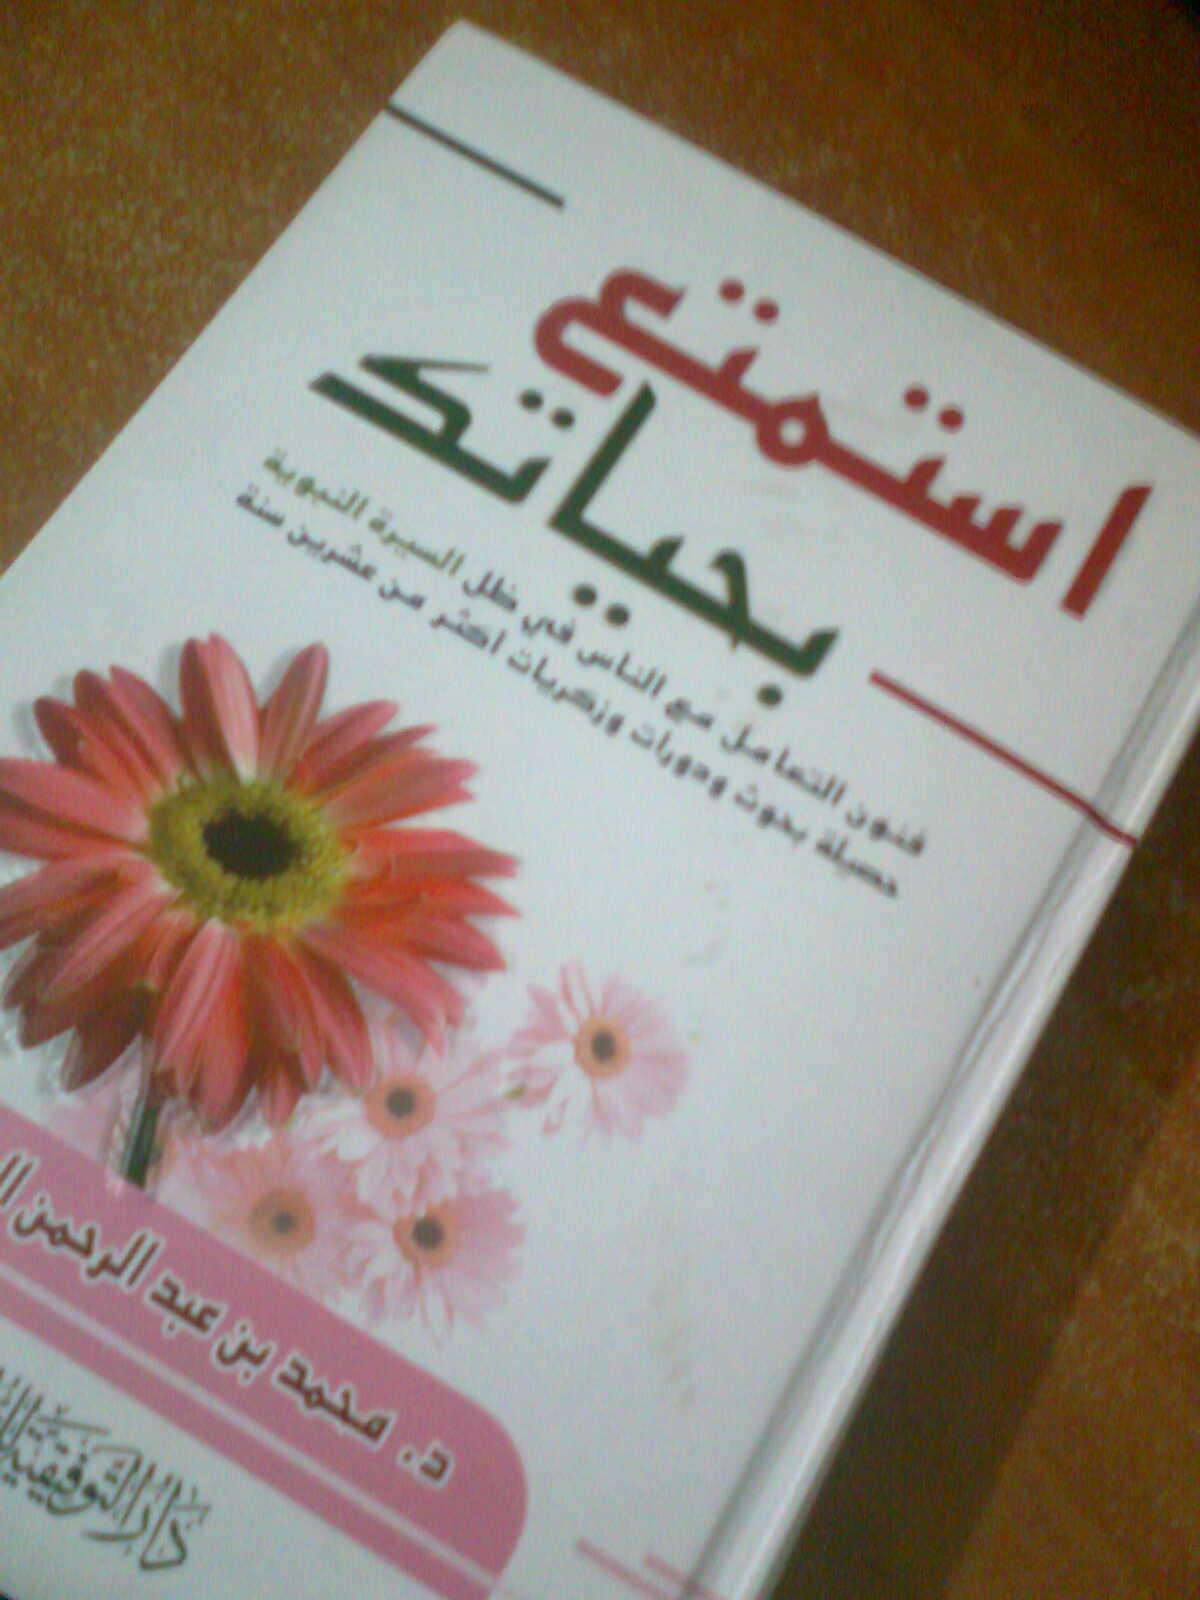 تلخيص كتاب استمتع بحياتك محمد العريفي